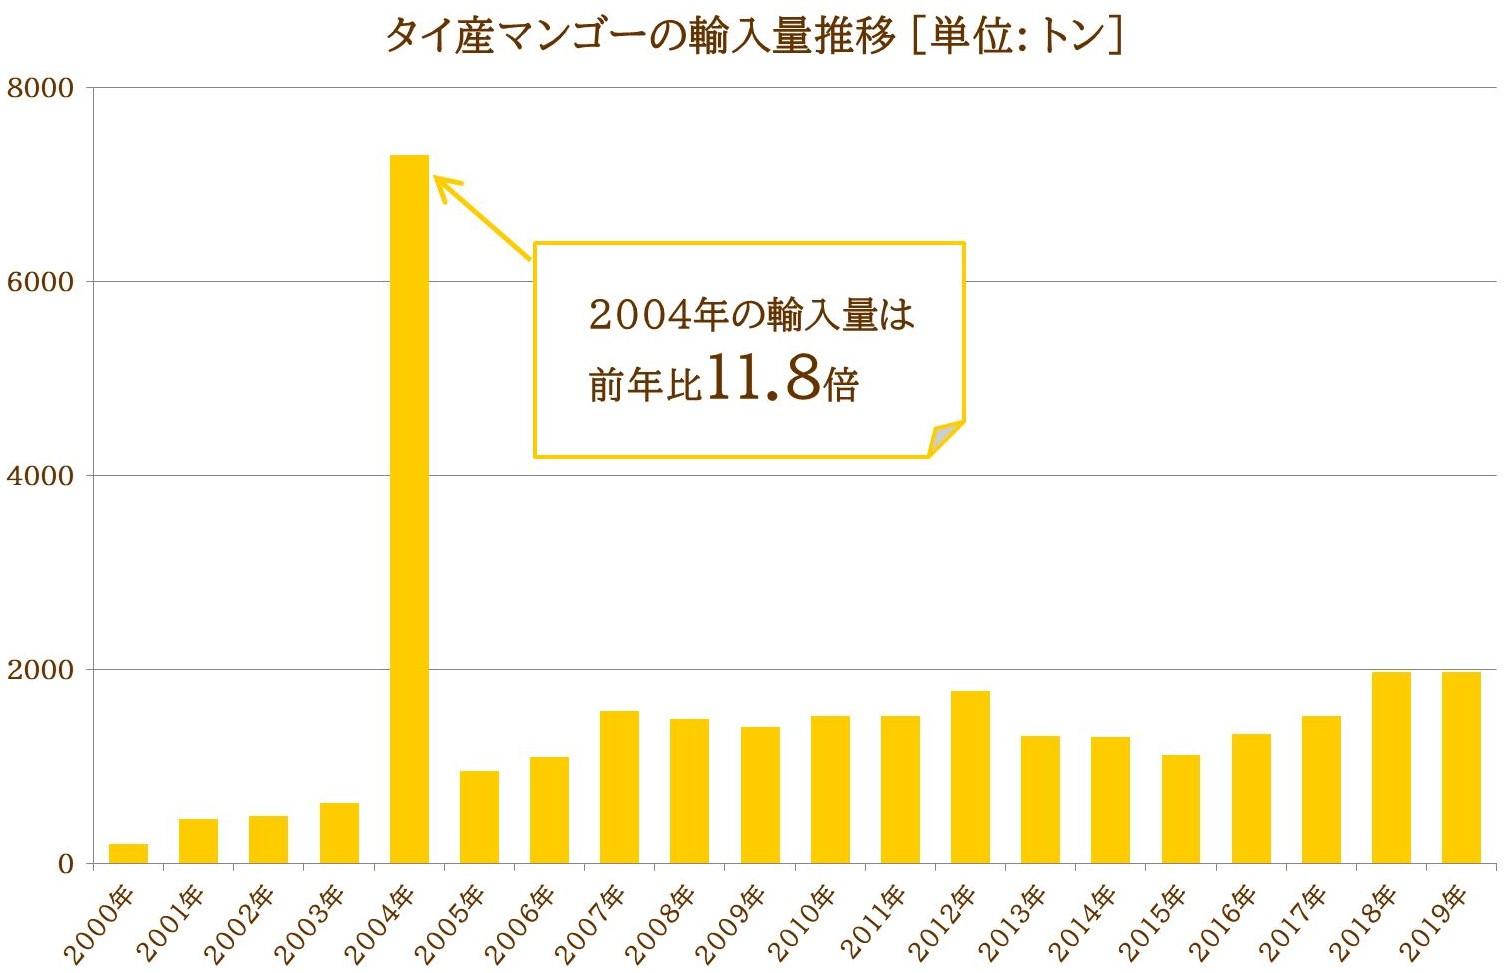 タイ産マンゴーの輸入量推移